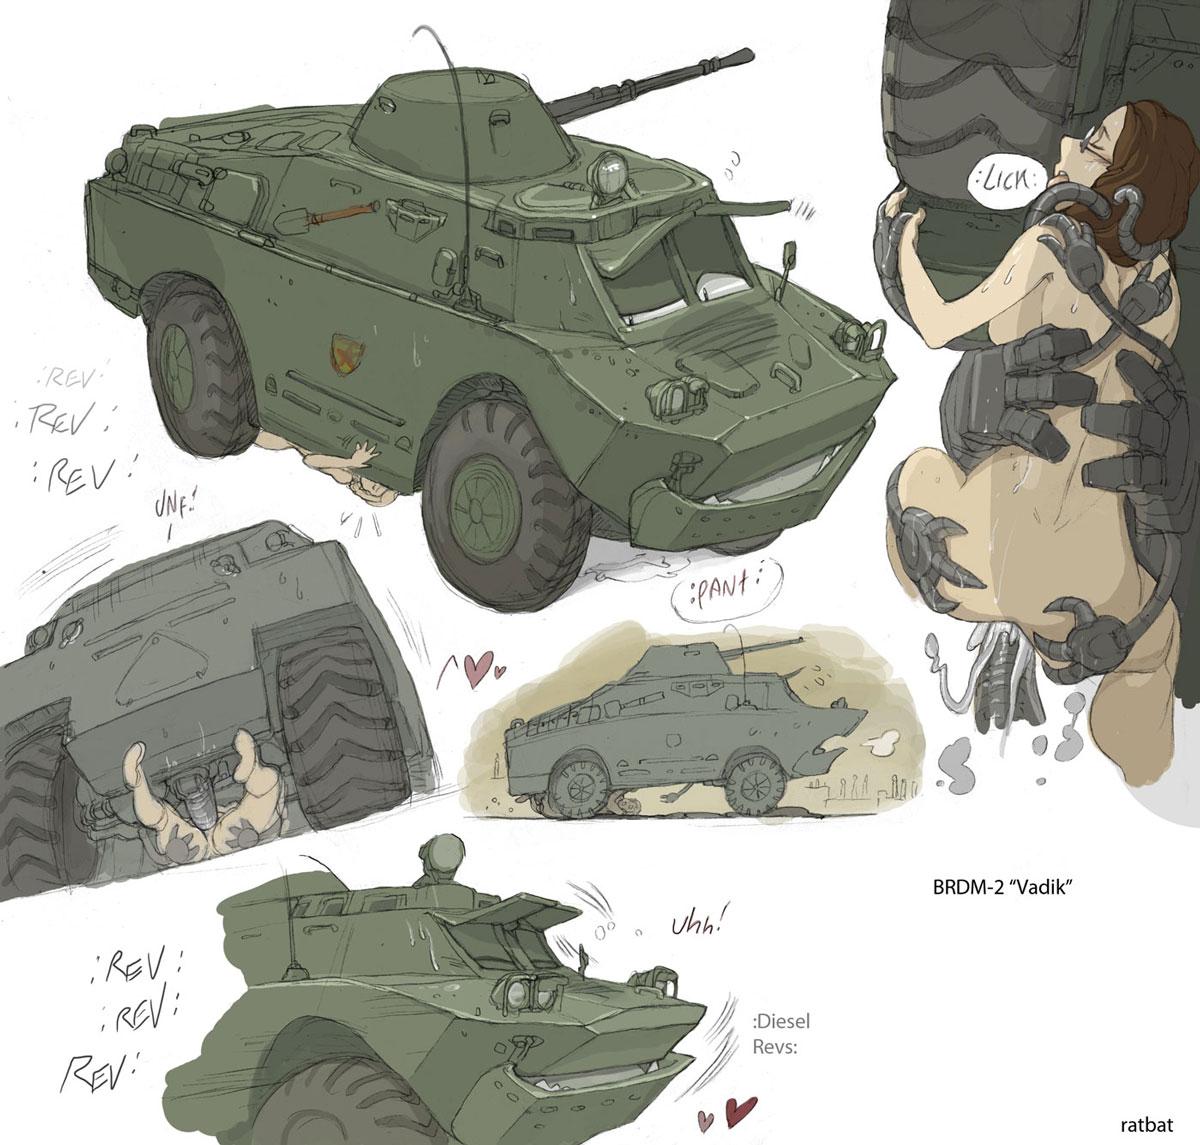 Бывший танкист отымел девушку на броне танка